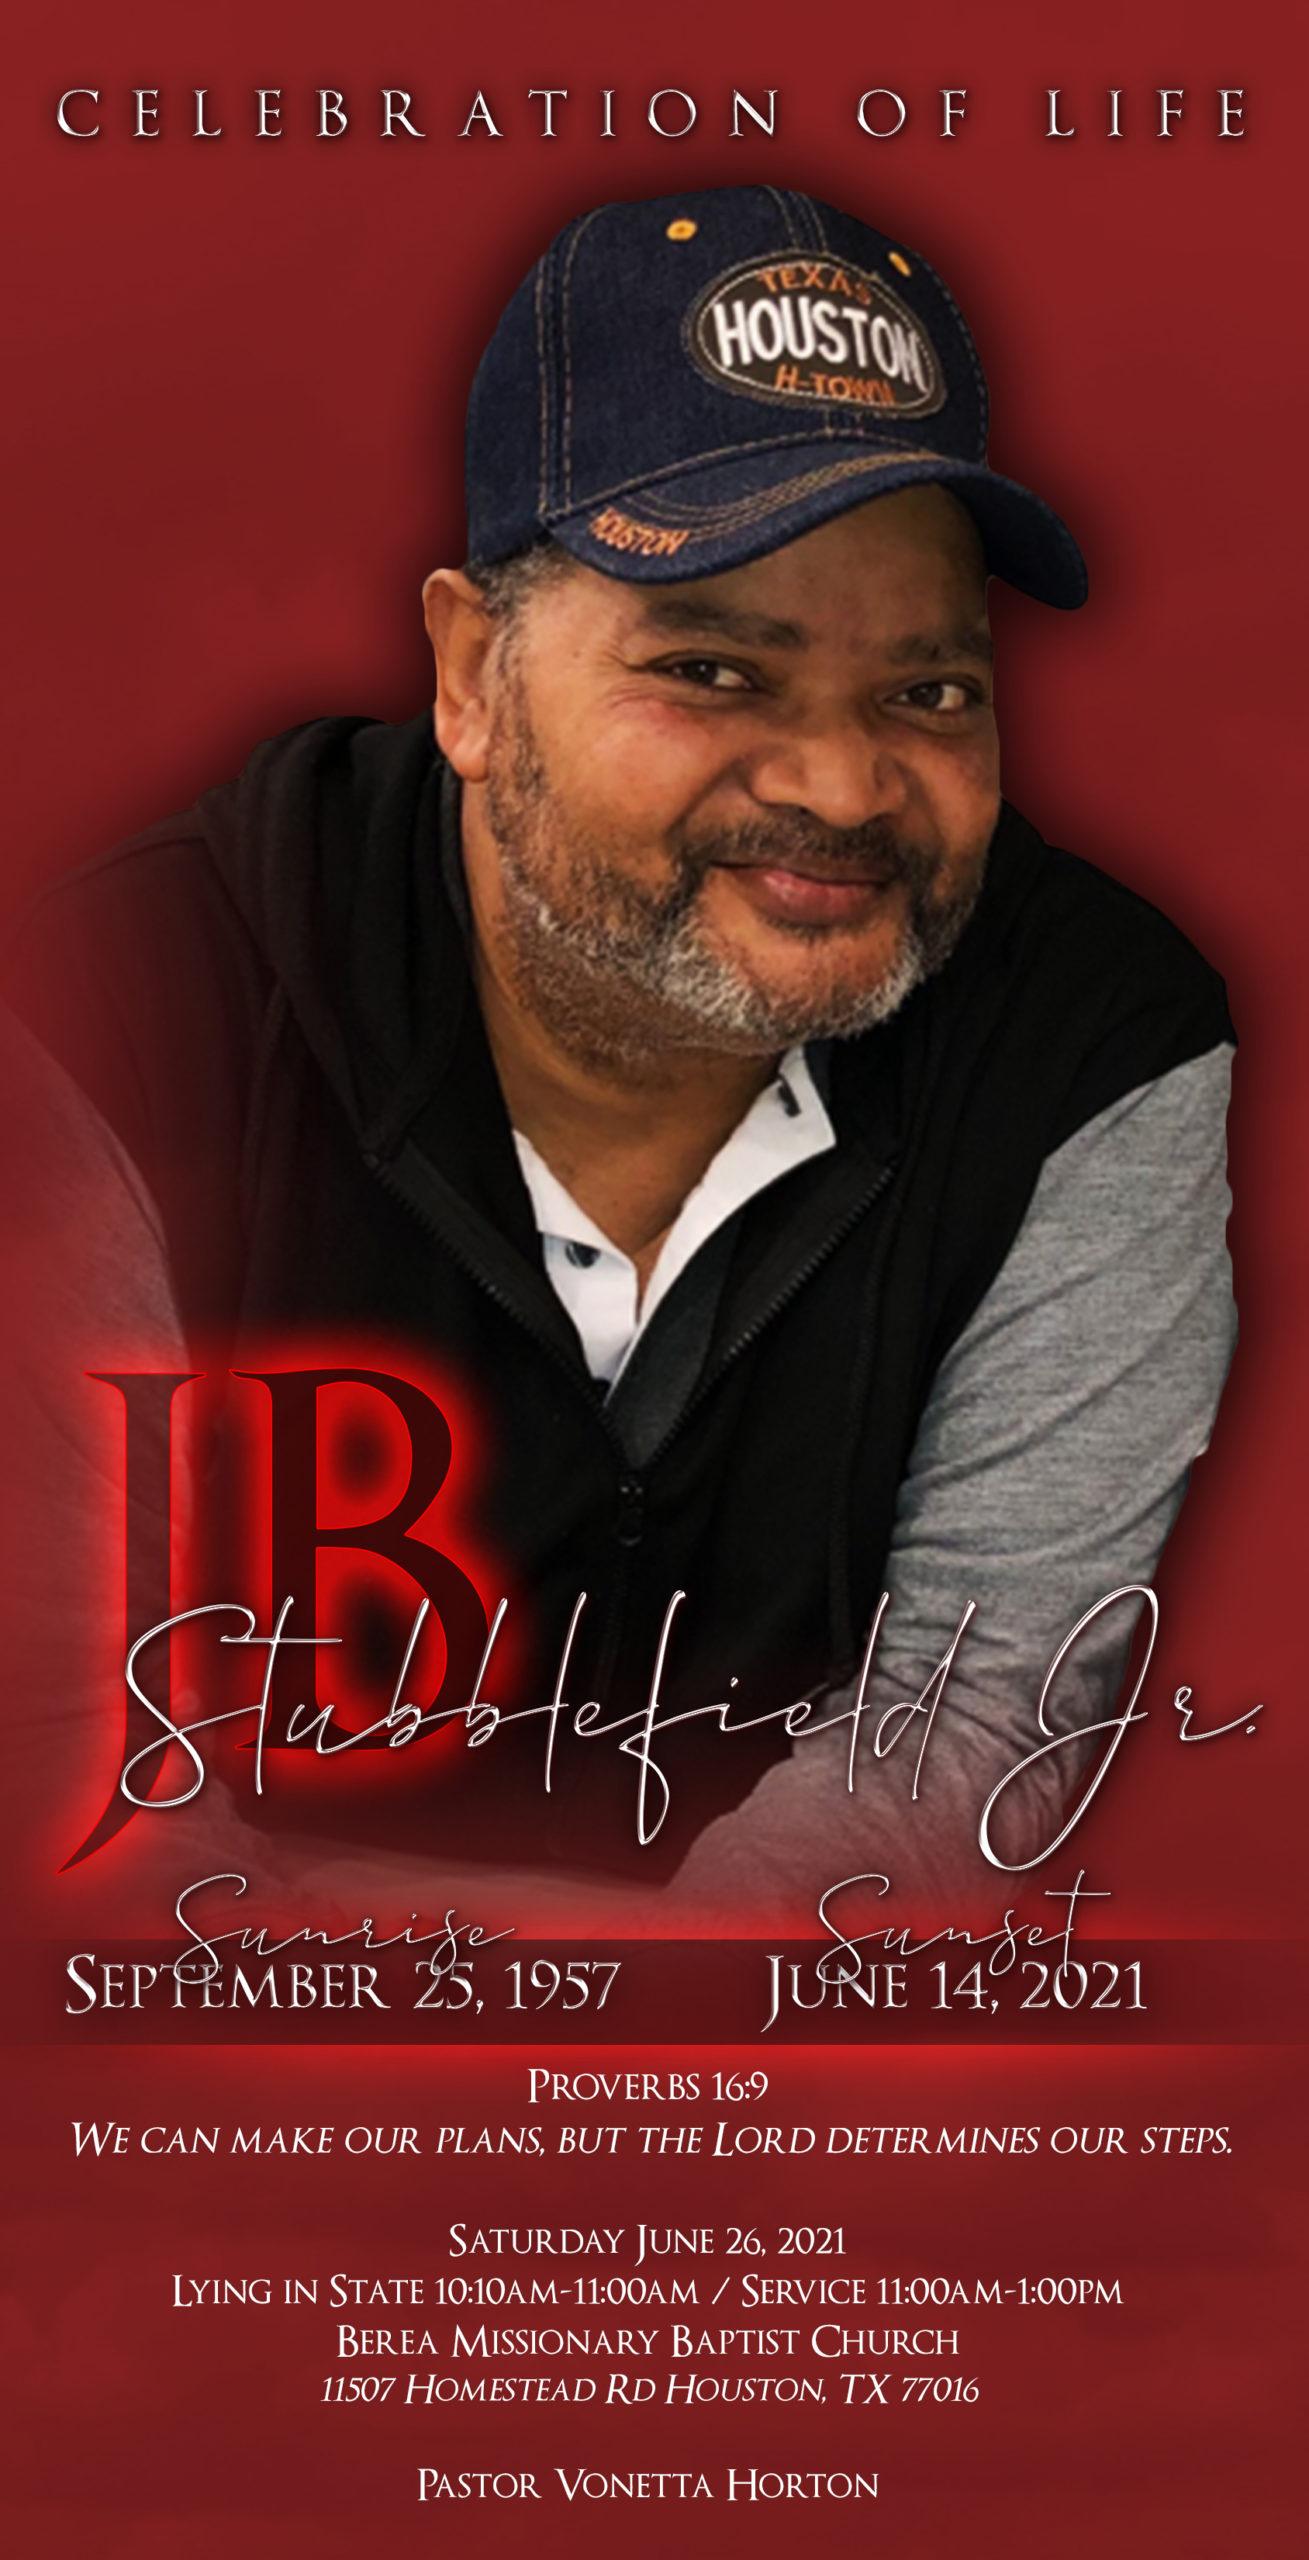 JB Stubblefield Jr. 1957-2021